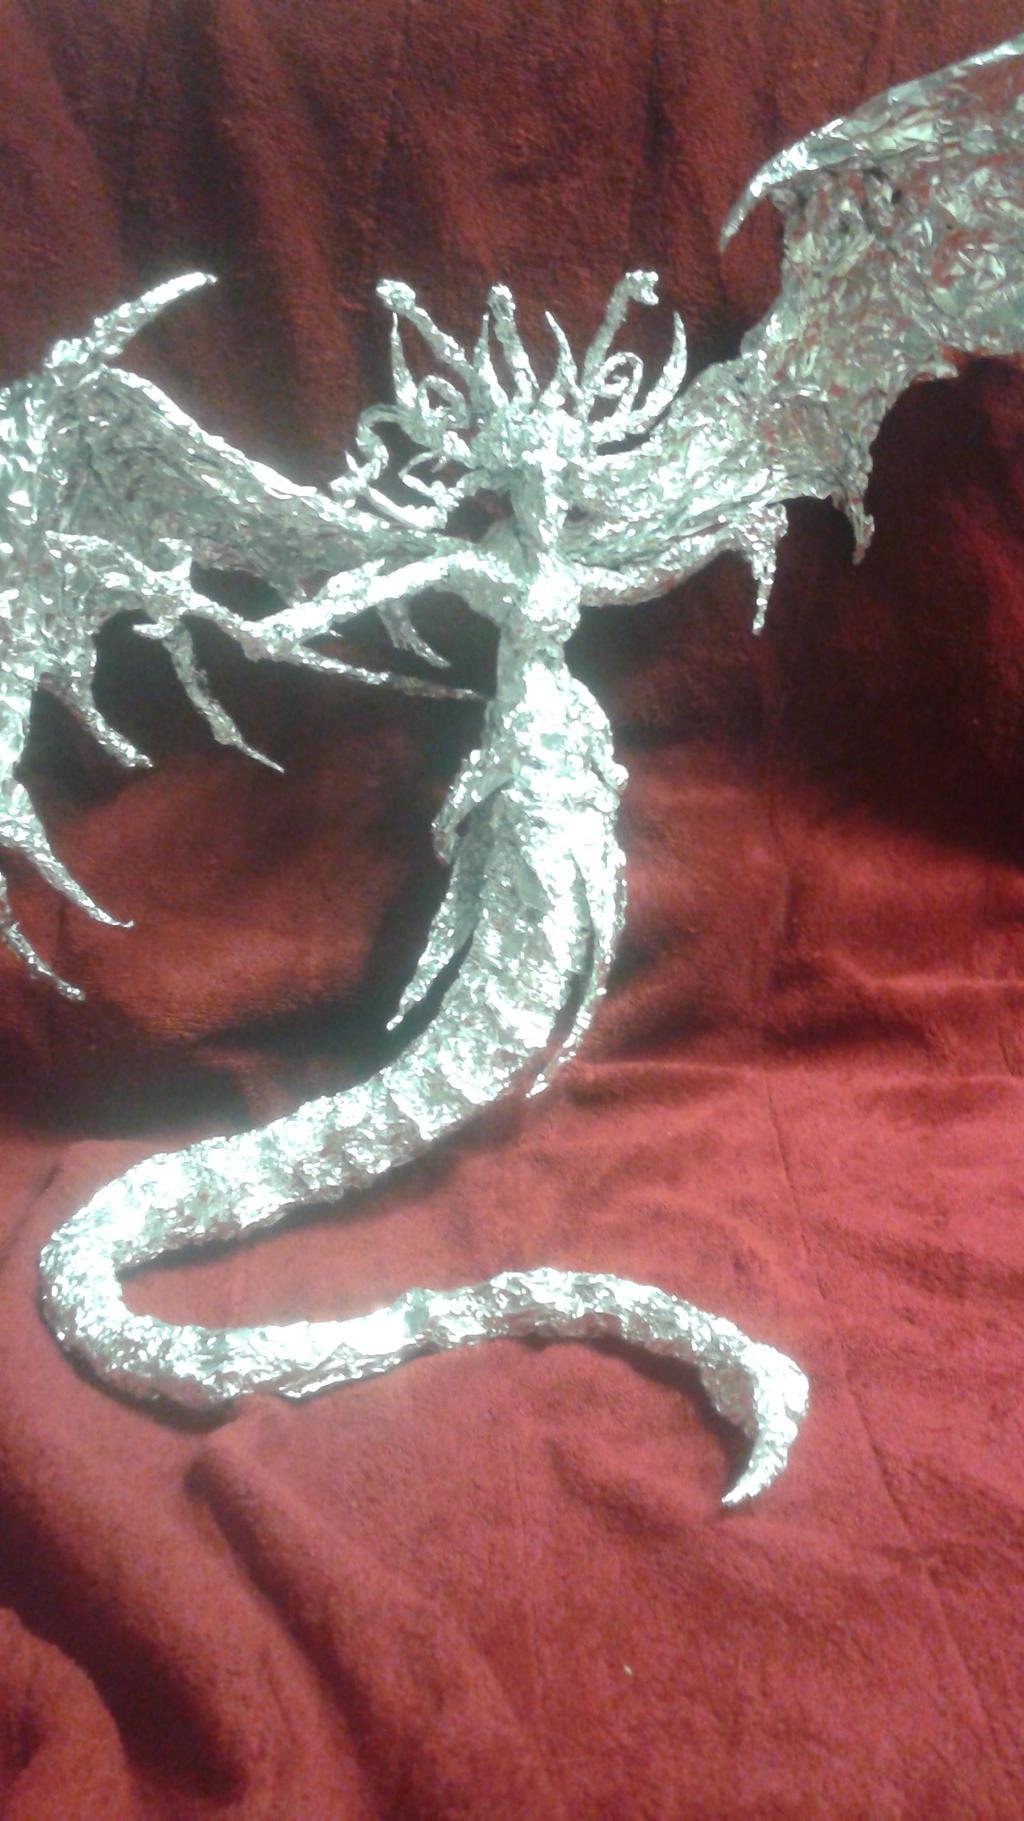 Queen Morathi - Aluminum Foil Sculpture by TheFoilGuy